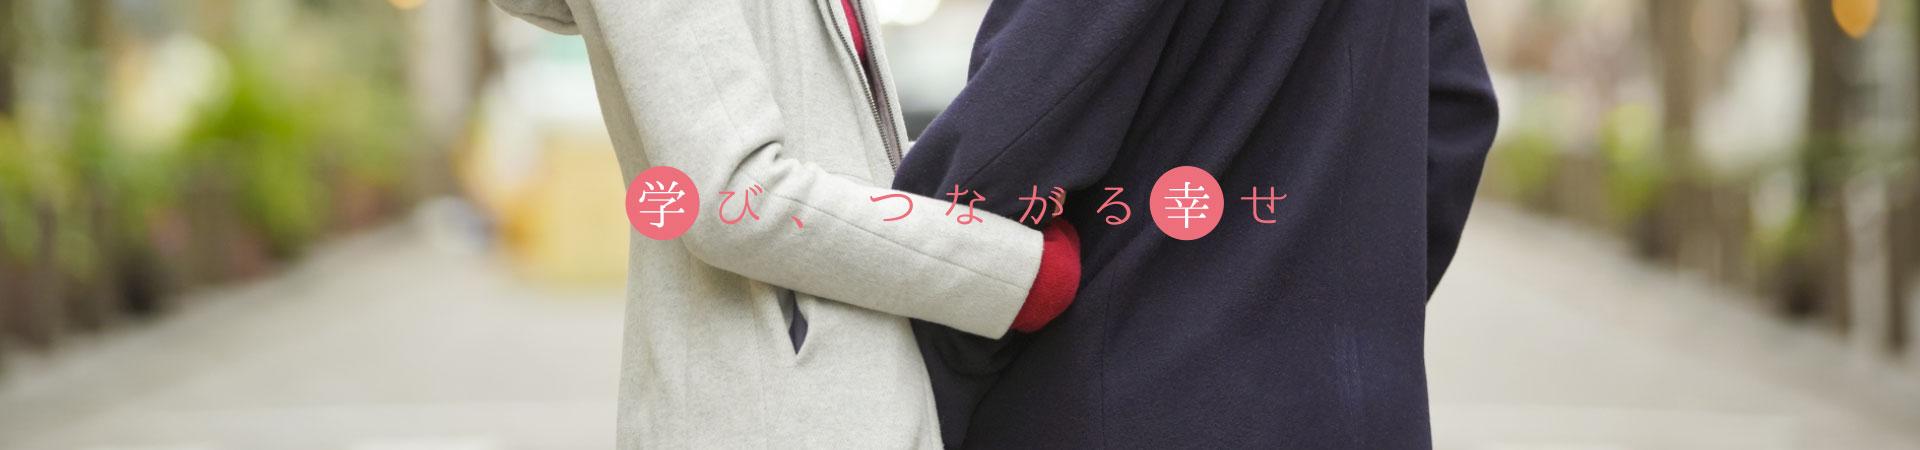 婚活ひろば/ホームページトップ画像